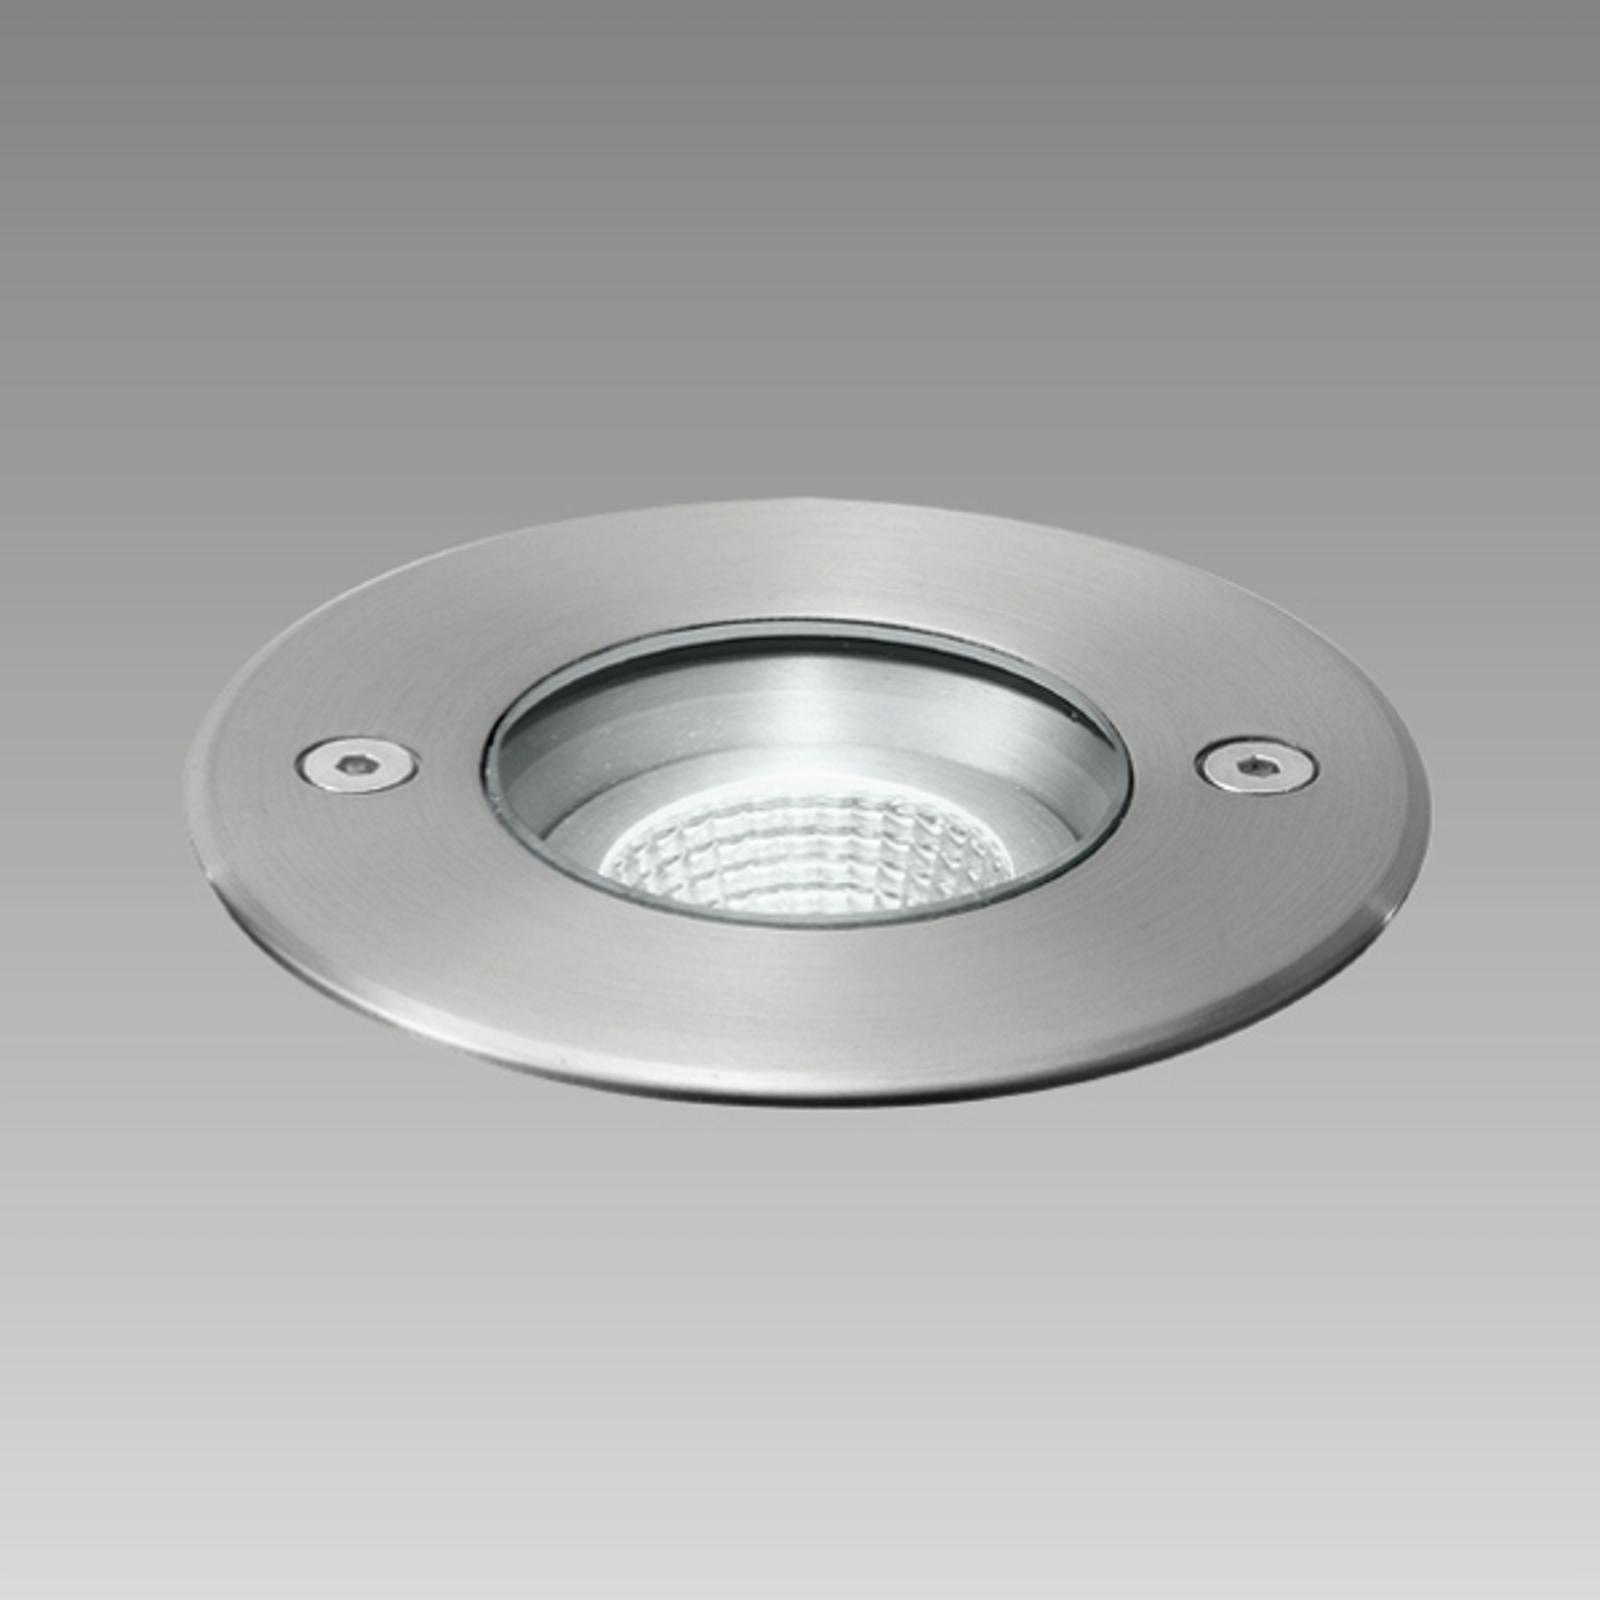 Foco empotrado en acero inoxidable Frisco LED IP67